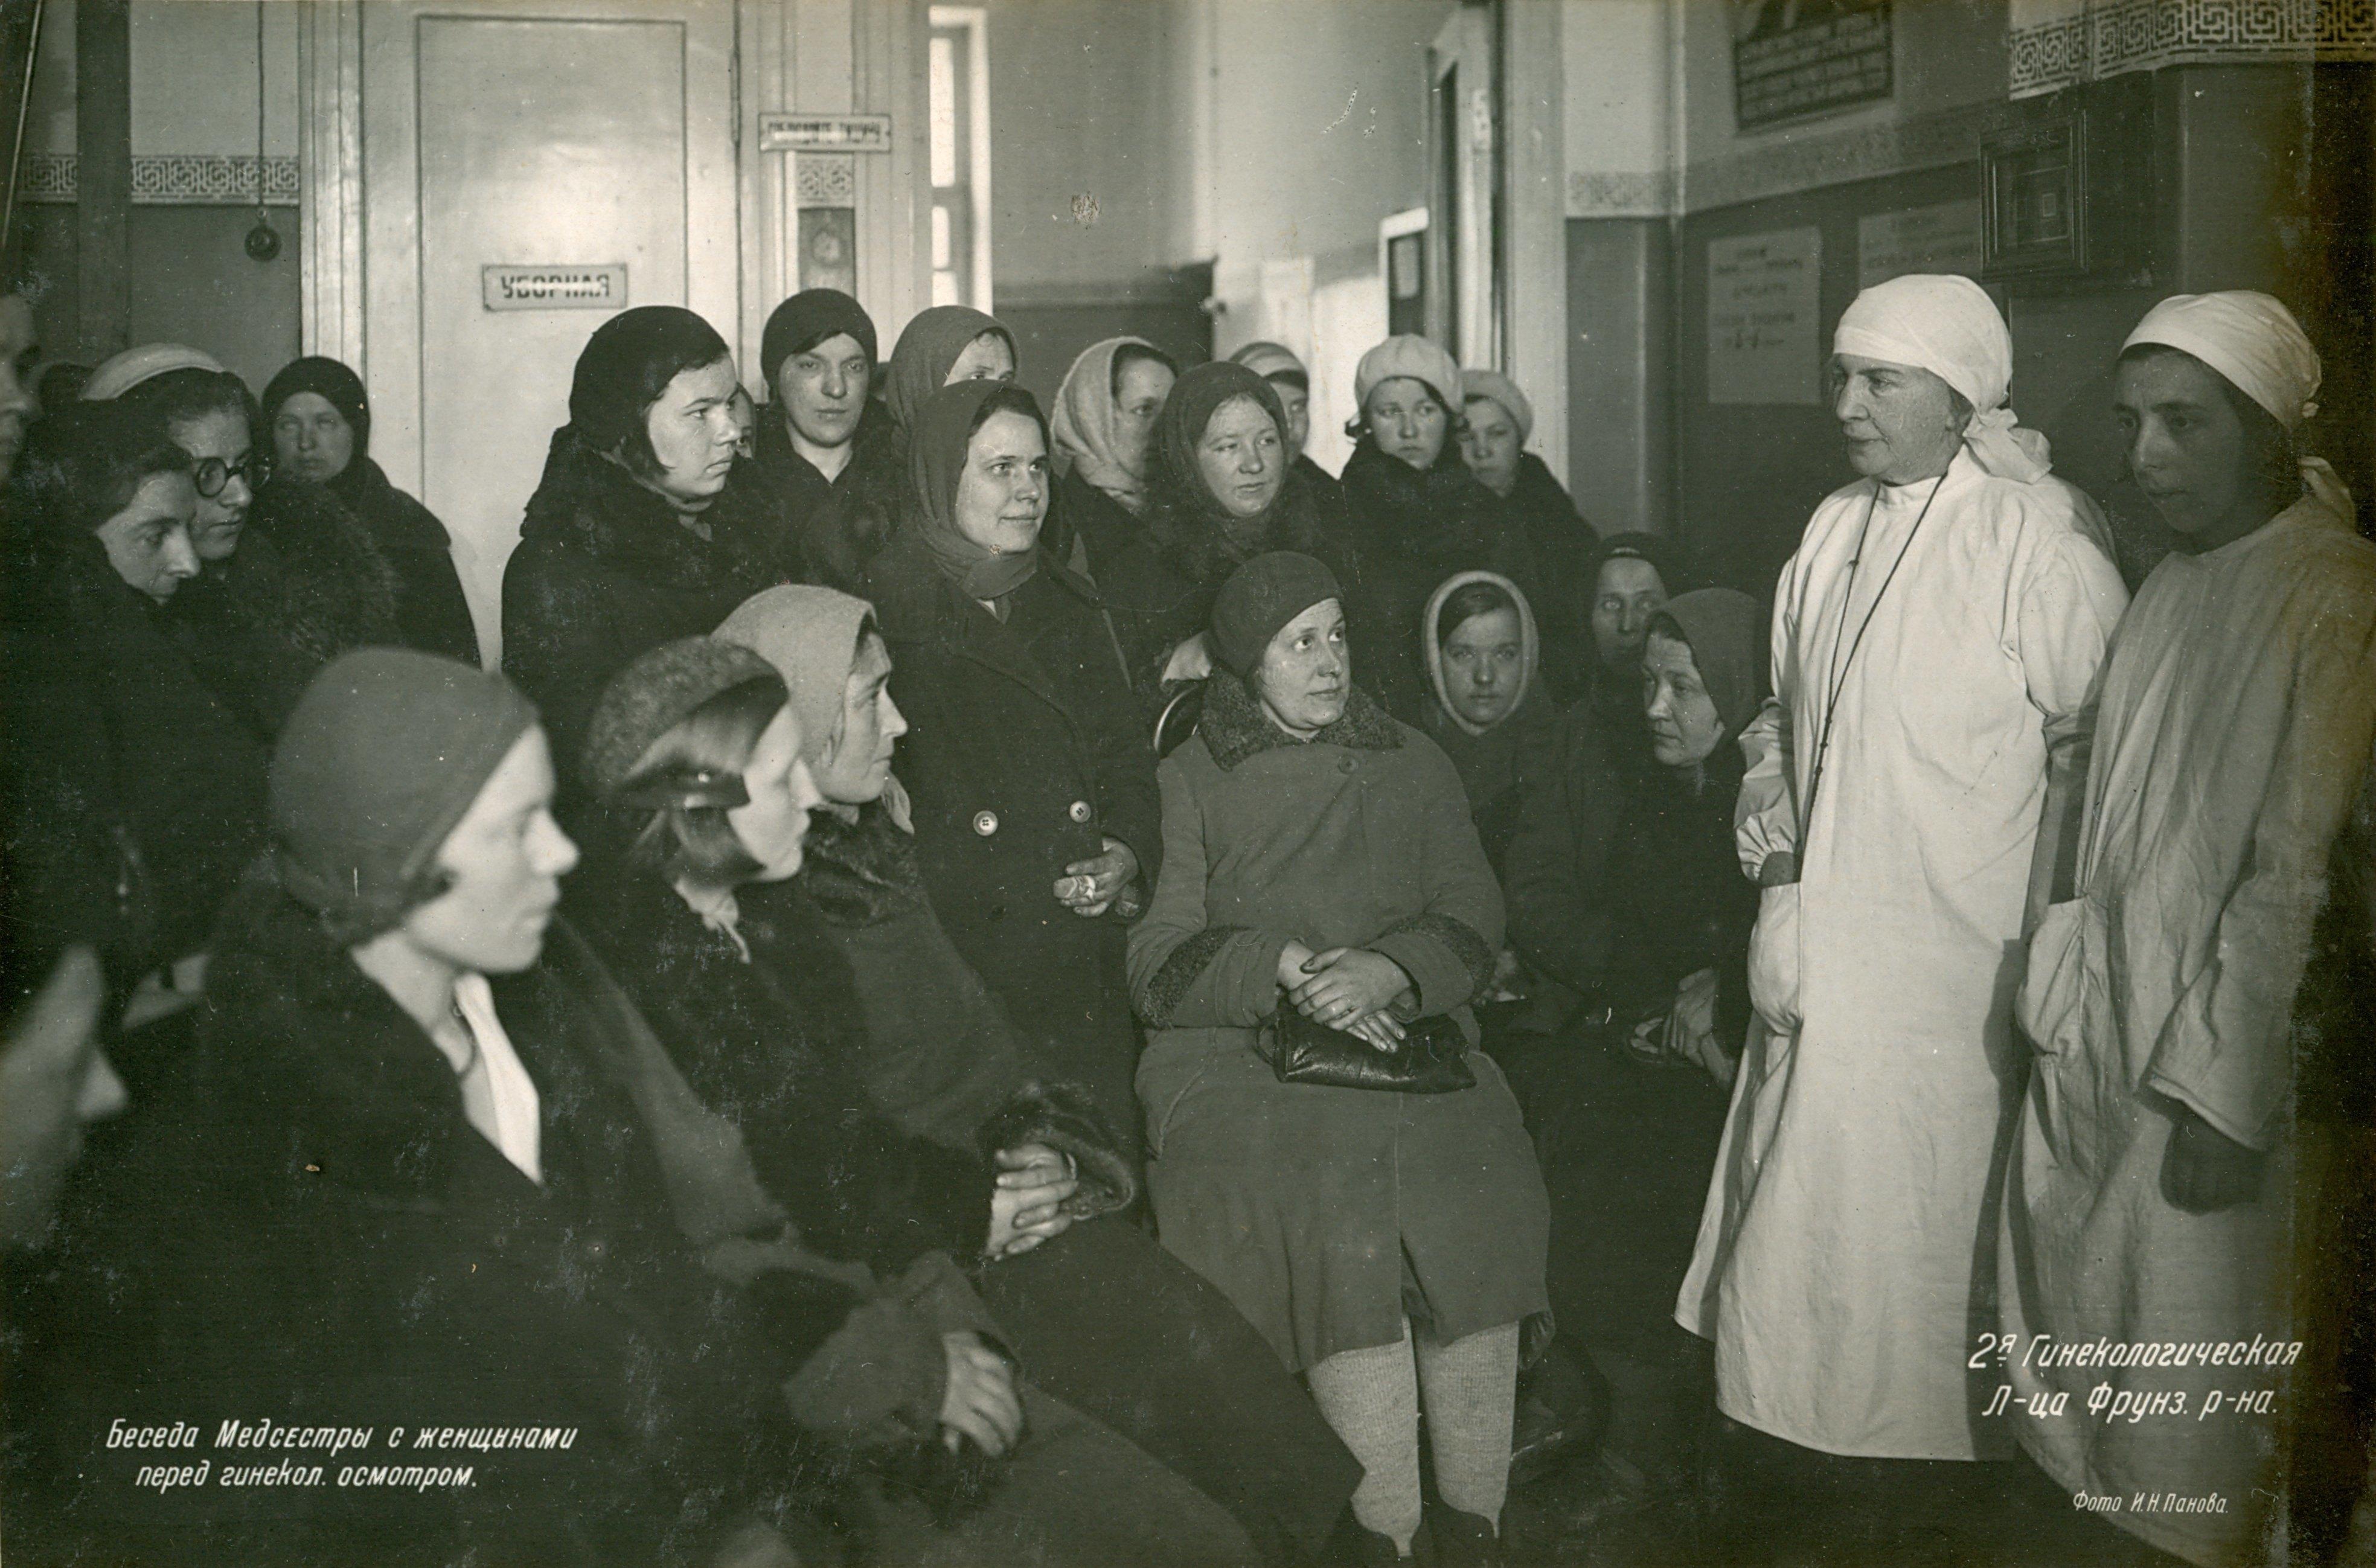 Беседа Медсестры с женщинами перед гинекол. осмотром